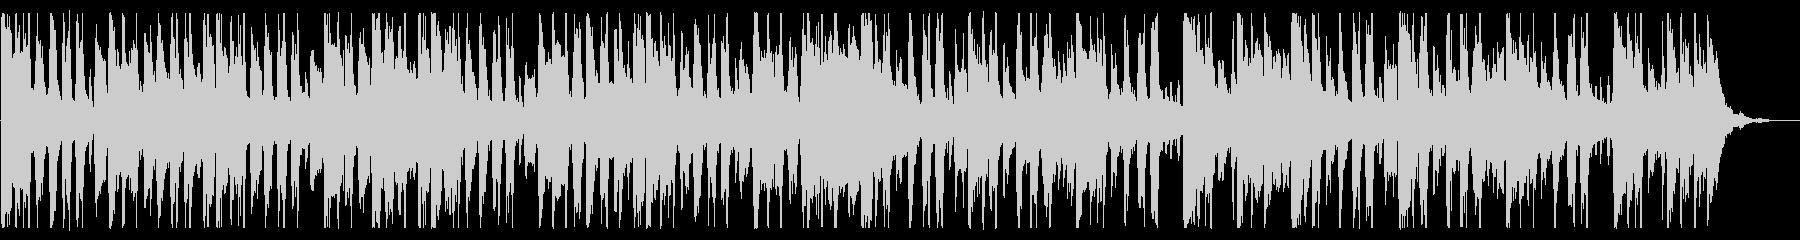 シティポップトラック_No623_4の未再生の波形